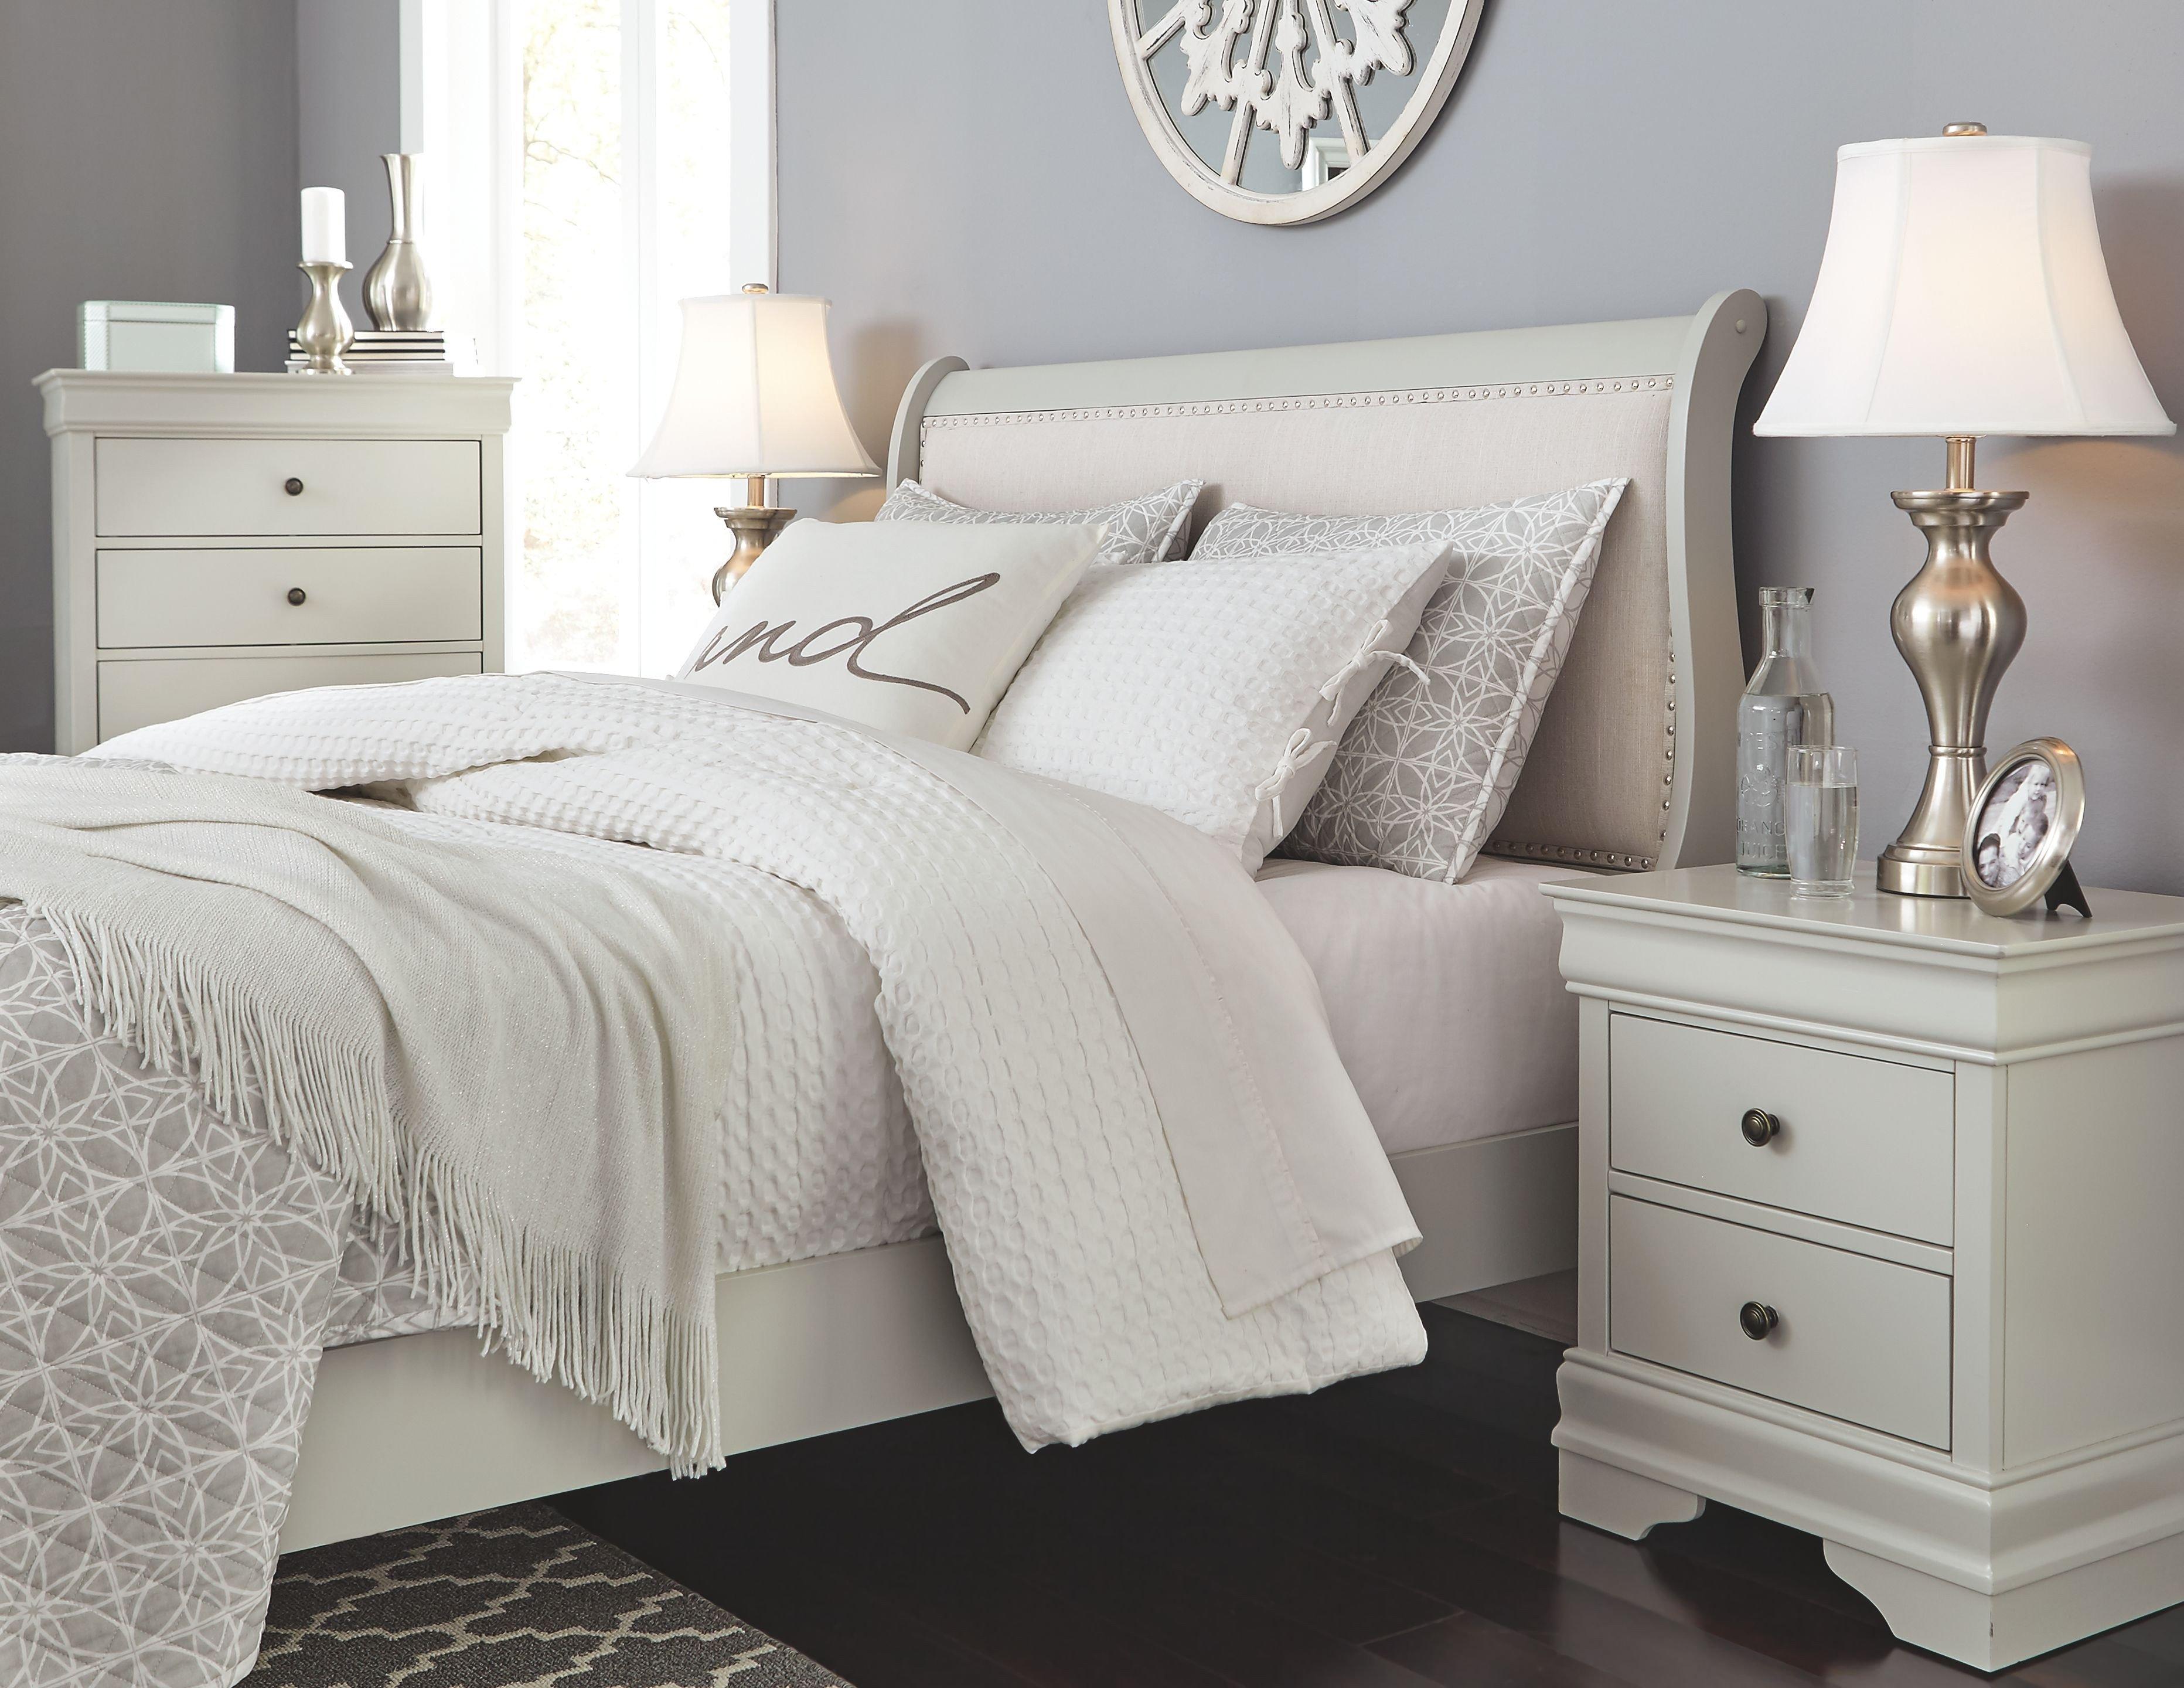 Ashley Girl Bedroom Set Unique Jorstad Queen Bed with 2 Nightstands Gray